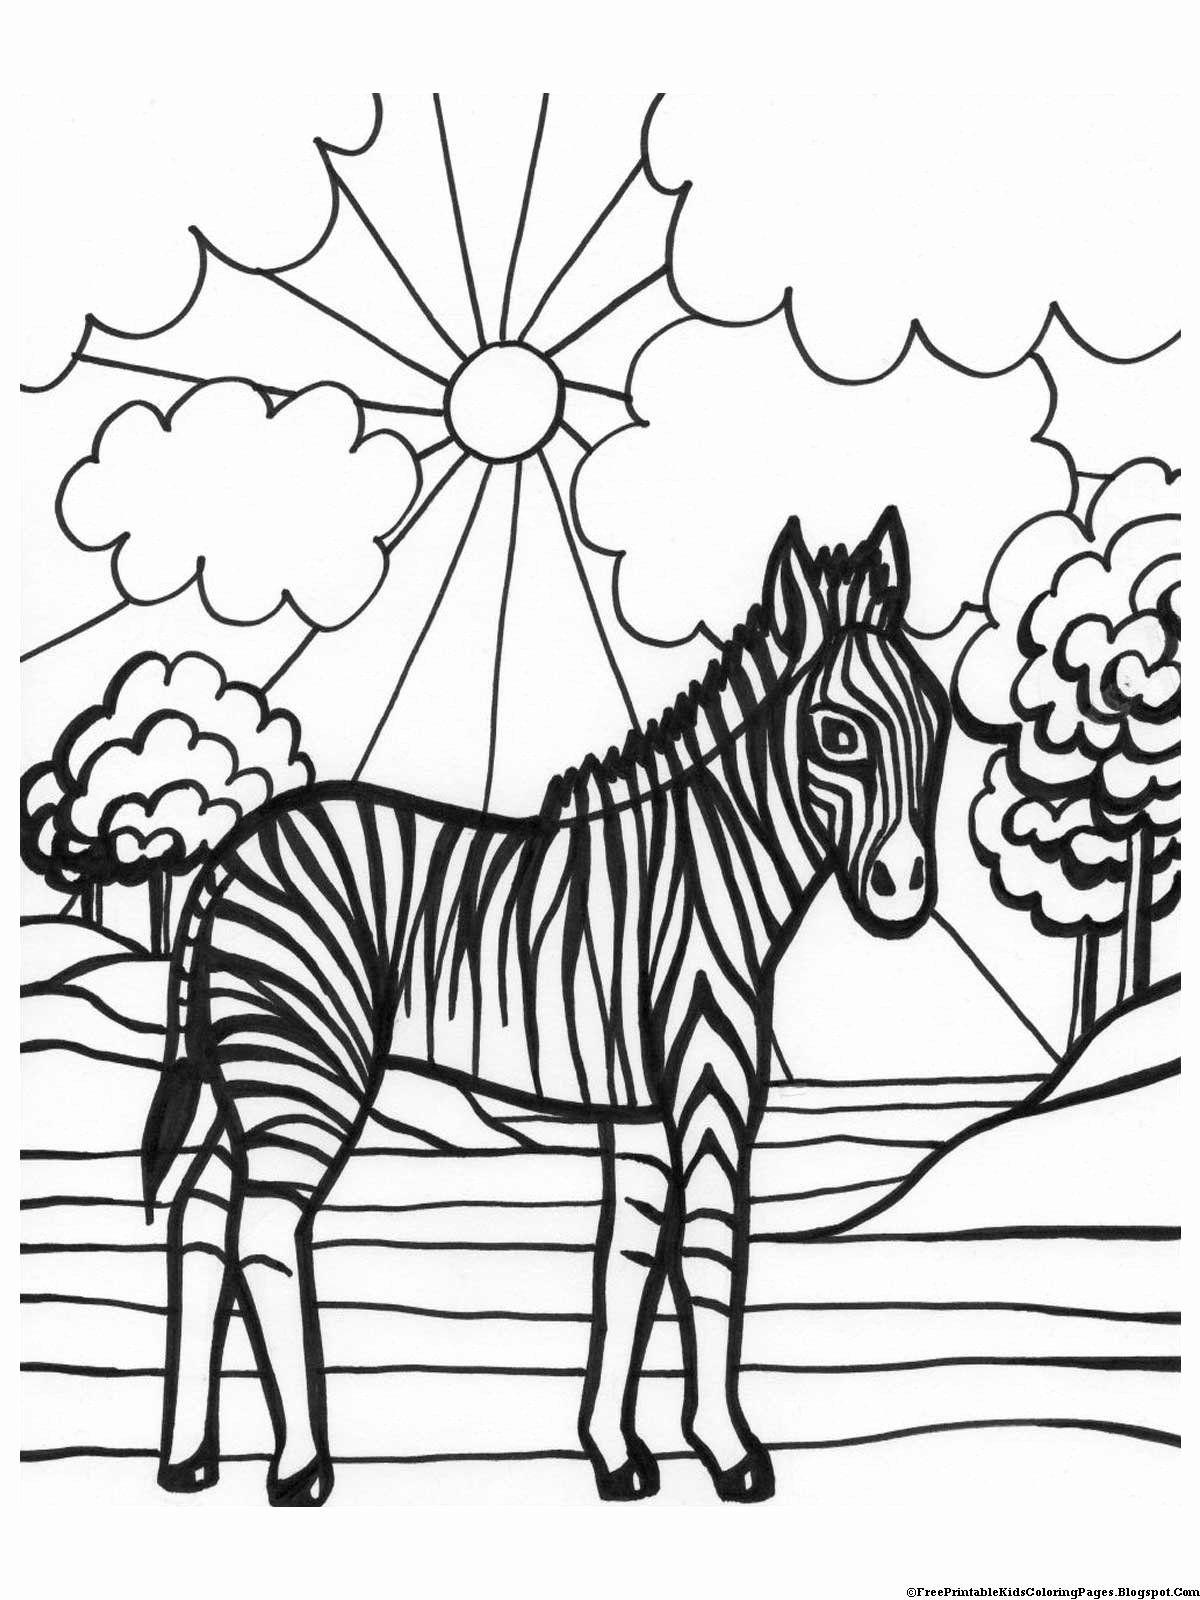 Kids Coloring Book Pages Unique Zebra Coloring Pages Free Printable Kids Coloring Pages Zebra Coloring Pages Monster Coloring Pages Zebra Pictures